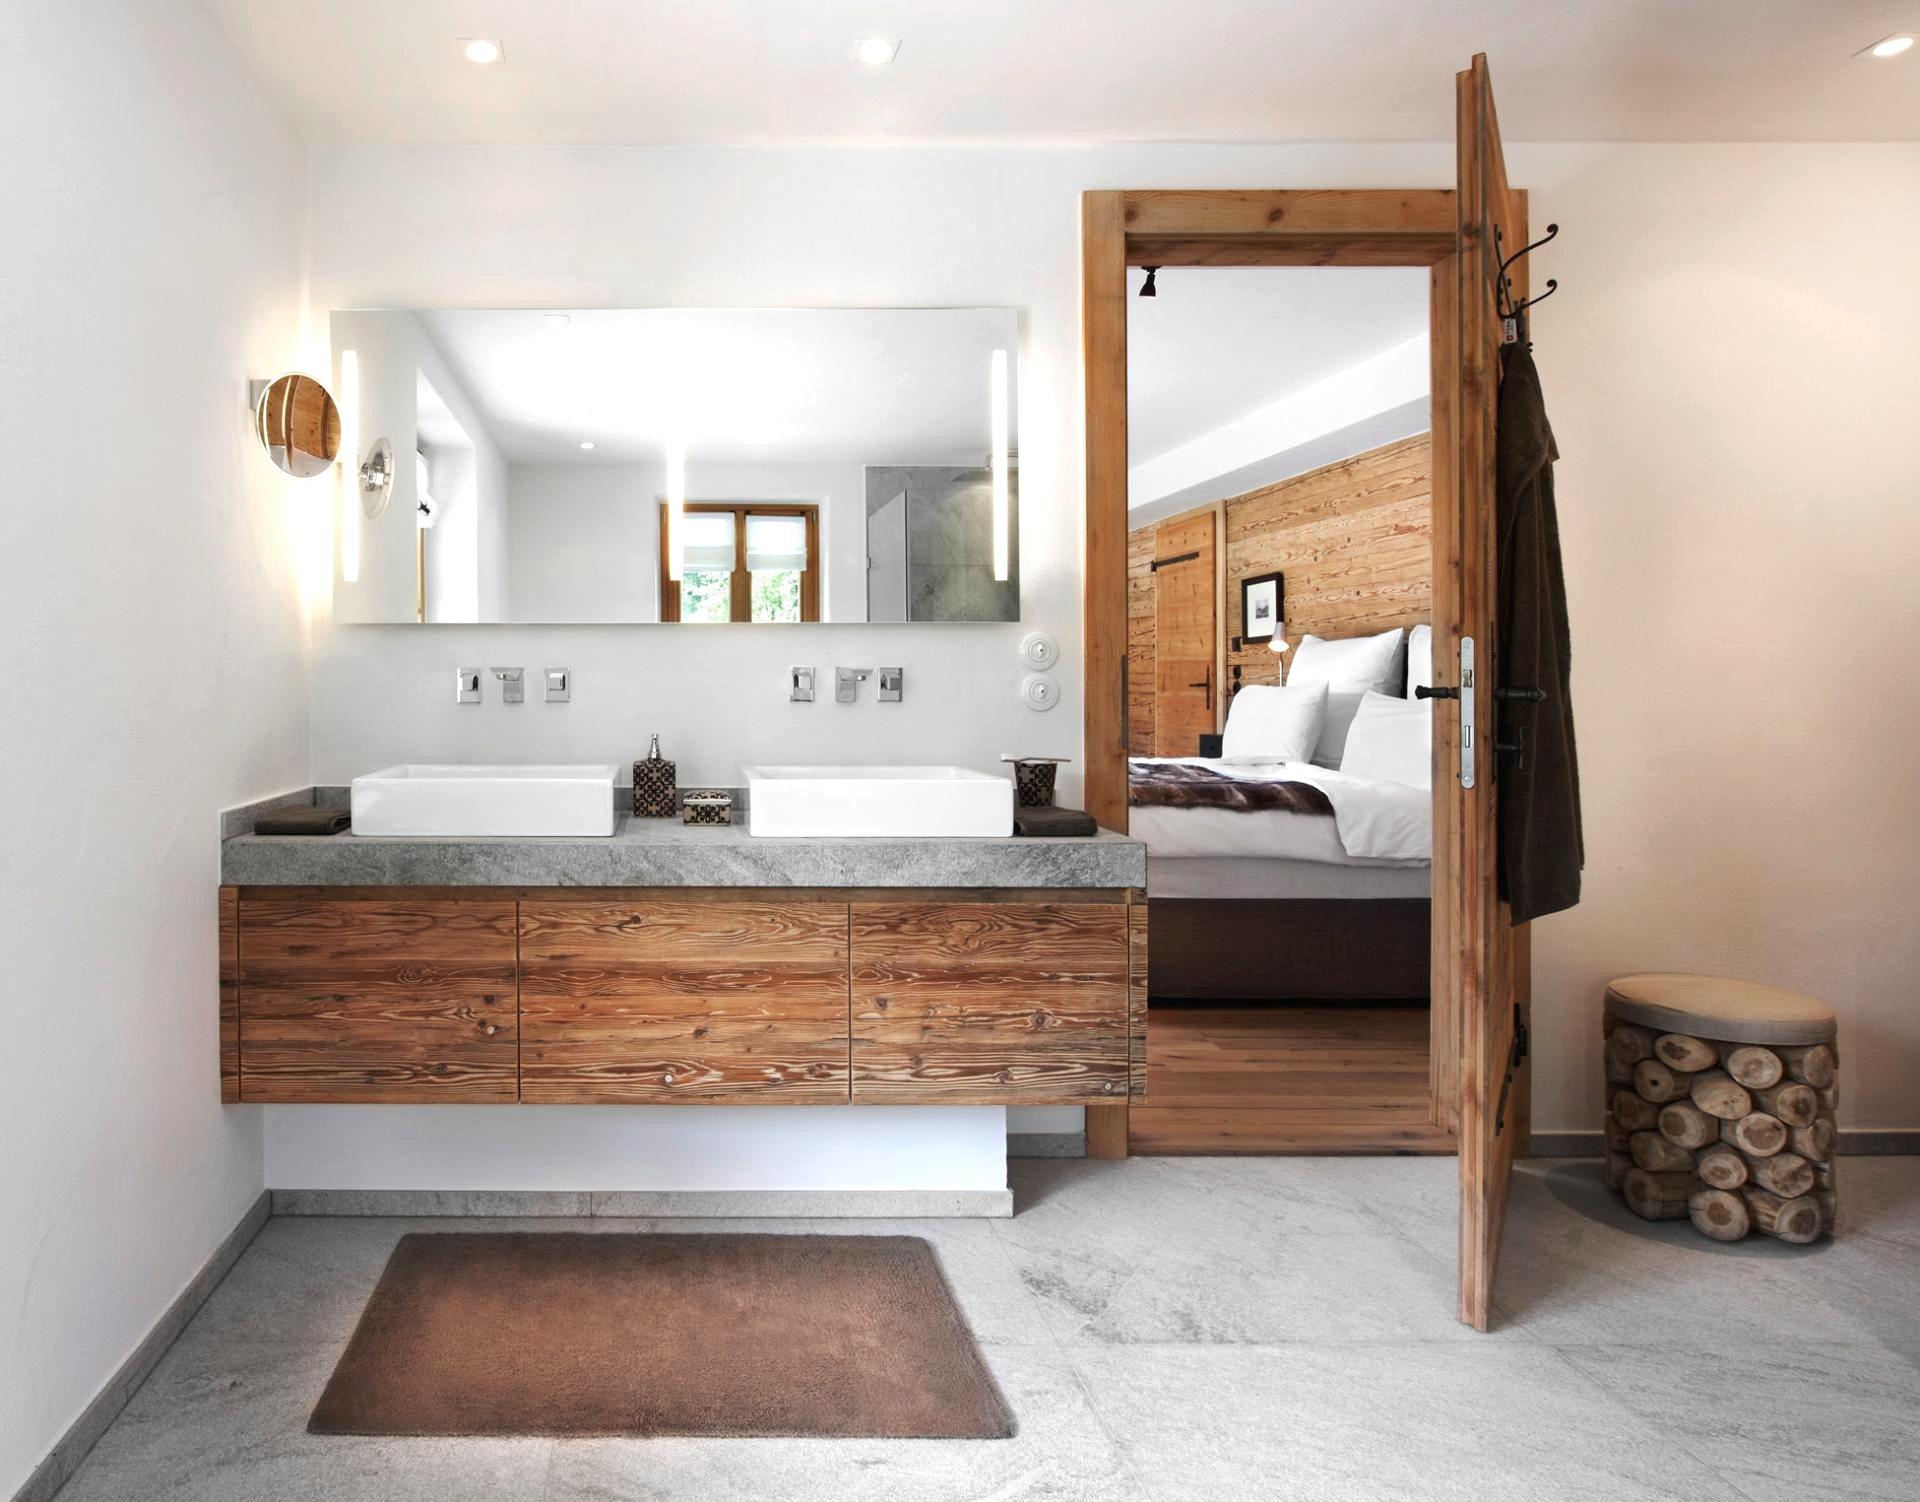 Badezimmermöbel Rustikal Großartig On Badezimmer In Bezug Auf Verwirrend Bilder Badezimmerm C3 B6bel Ideen Solarium 1